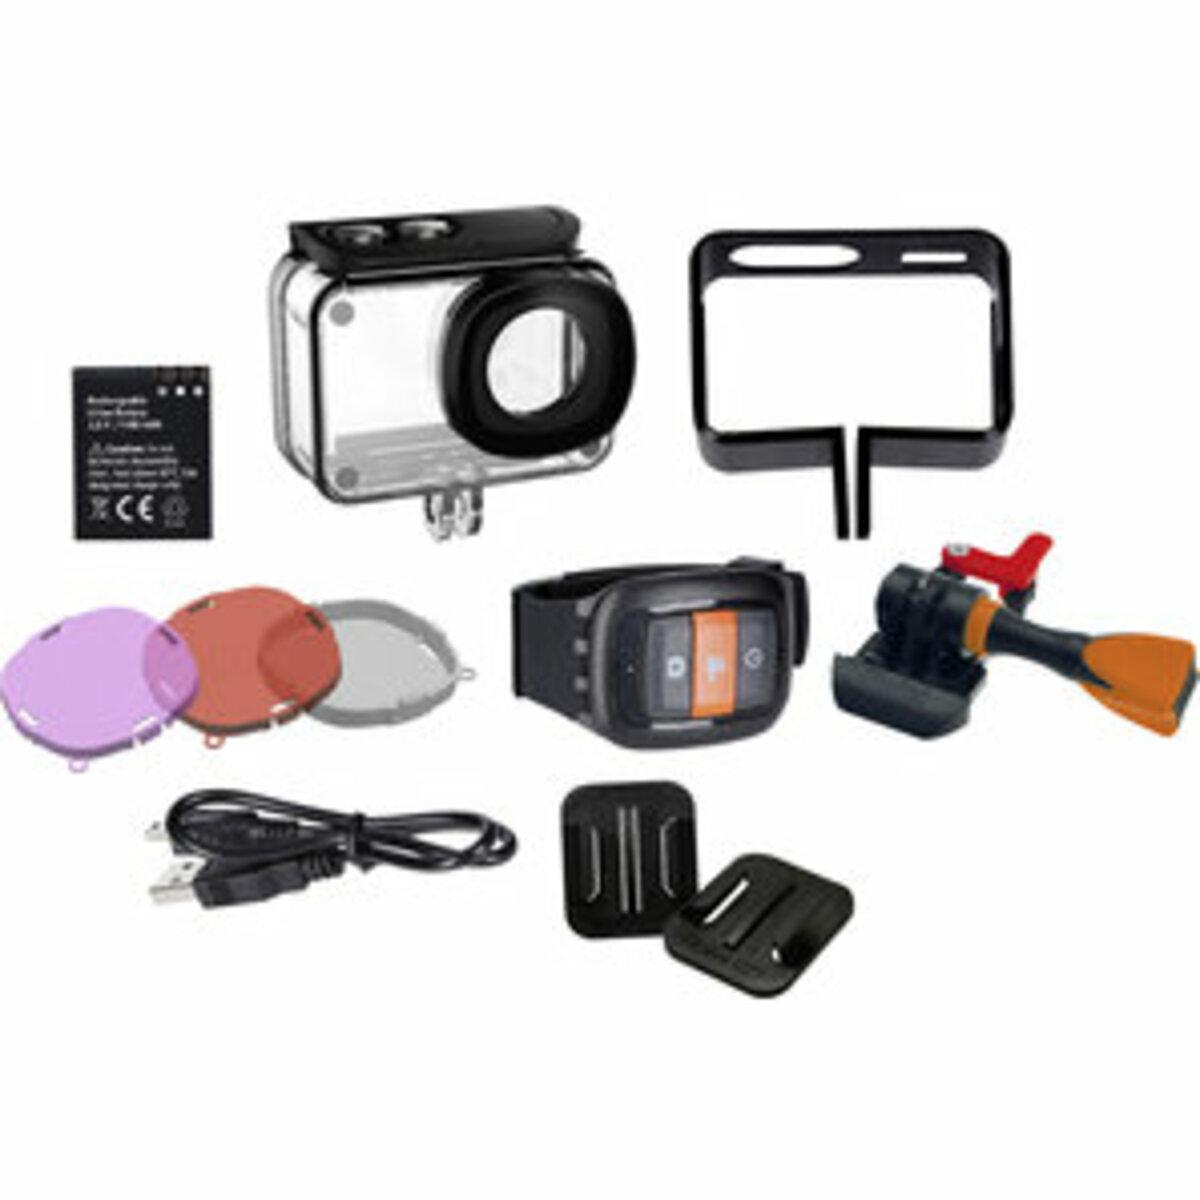 Bild 5 von Rollei 560 Touch Action-        Kamera